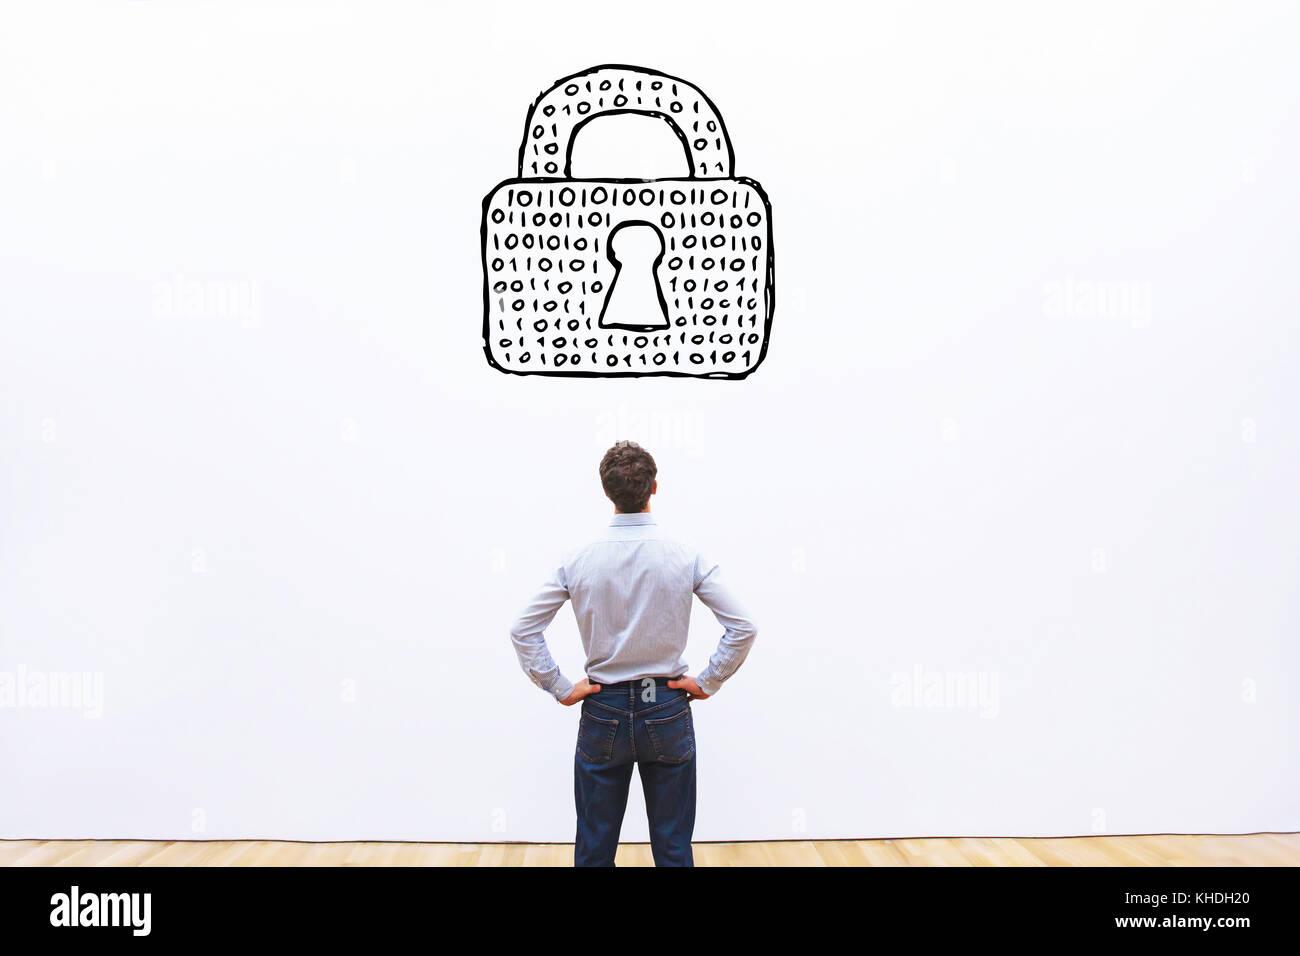 Schutz persönlicher Daten Konzept, cybersecurity von Daten, digitalen Schloss mit binären Code von Passwort Stockbild